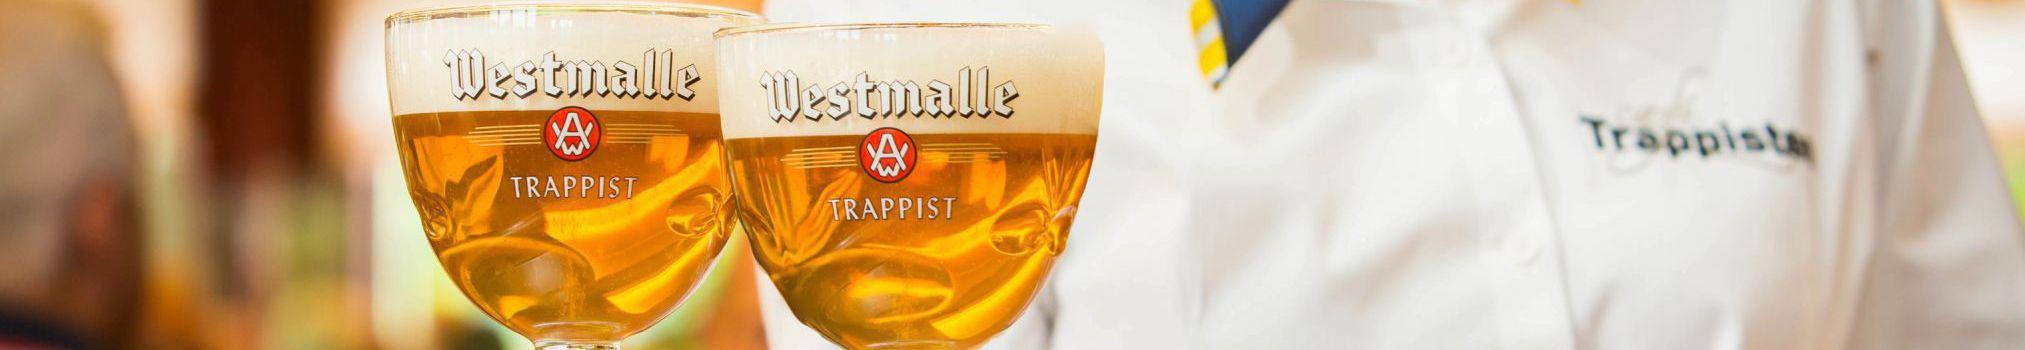 La Westmalle Tripel, bière trappiste triple de référence